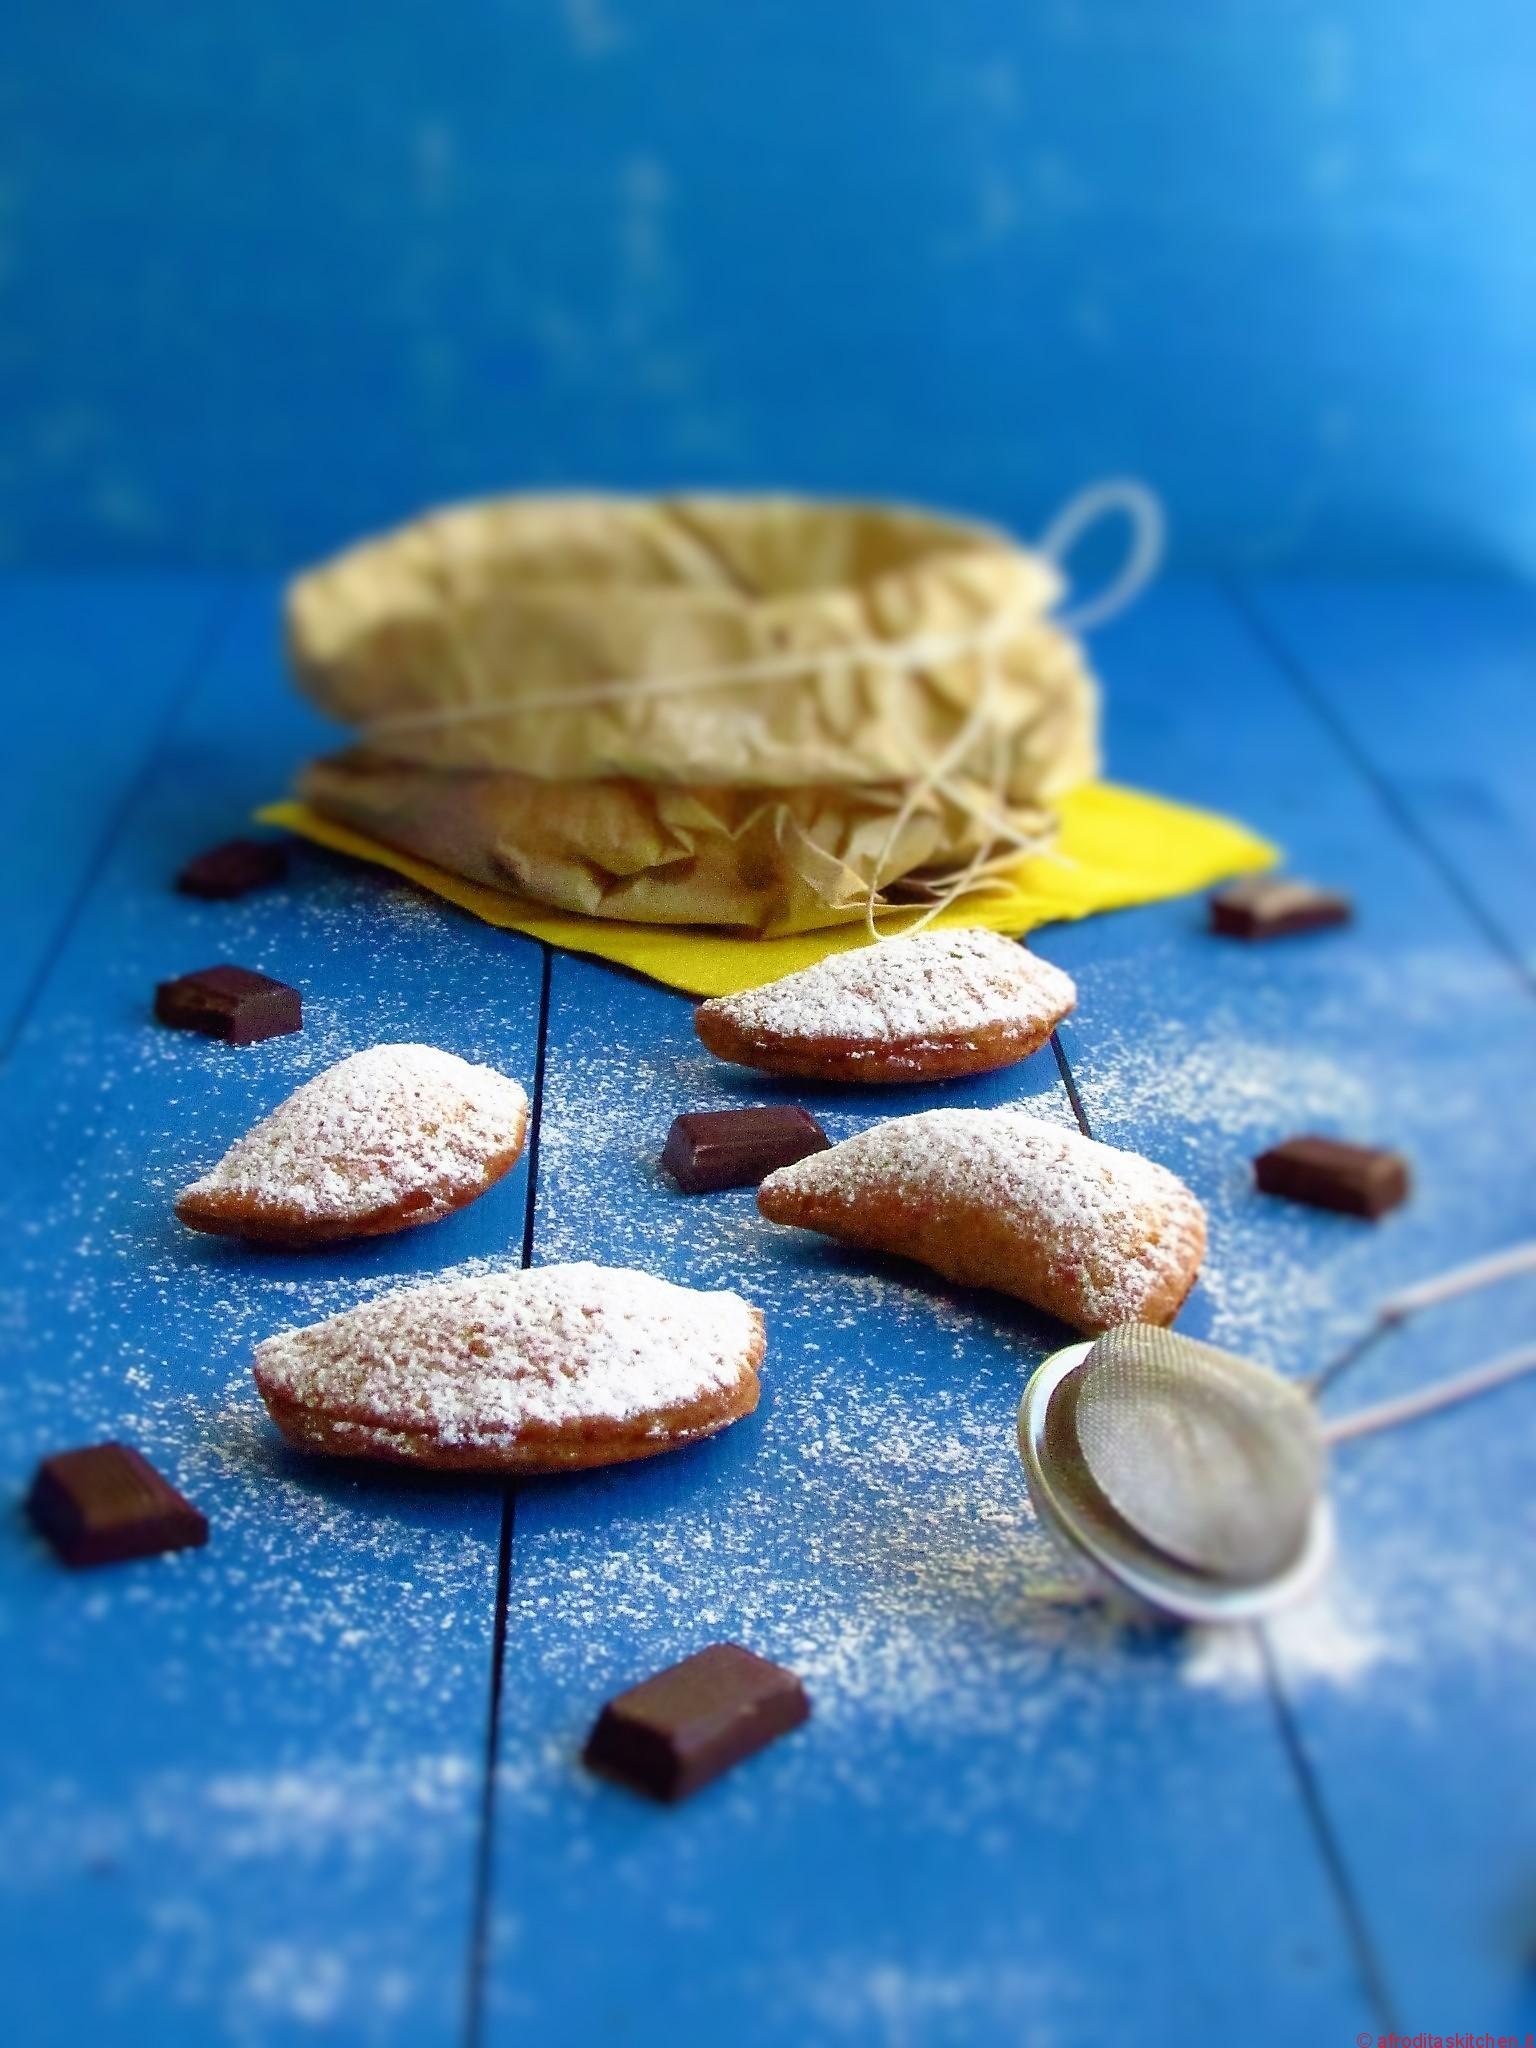 Ravioli dolci siciliani con ricotta e cioccolato